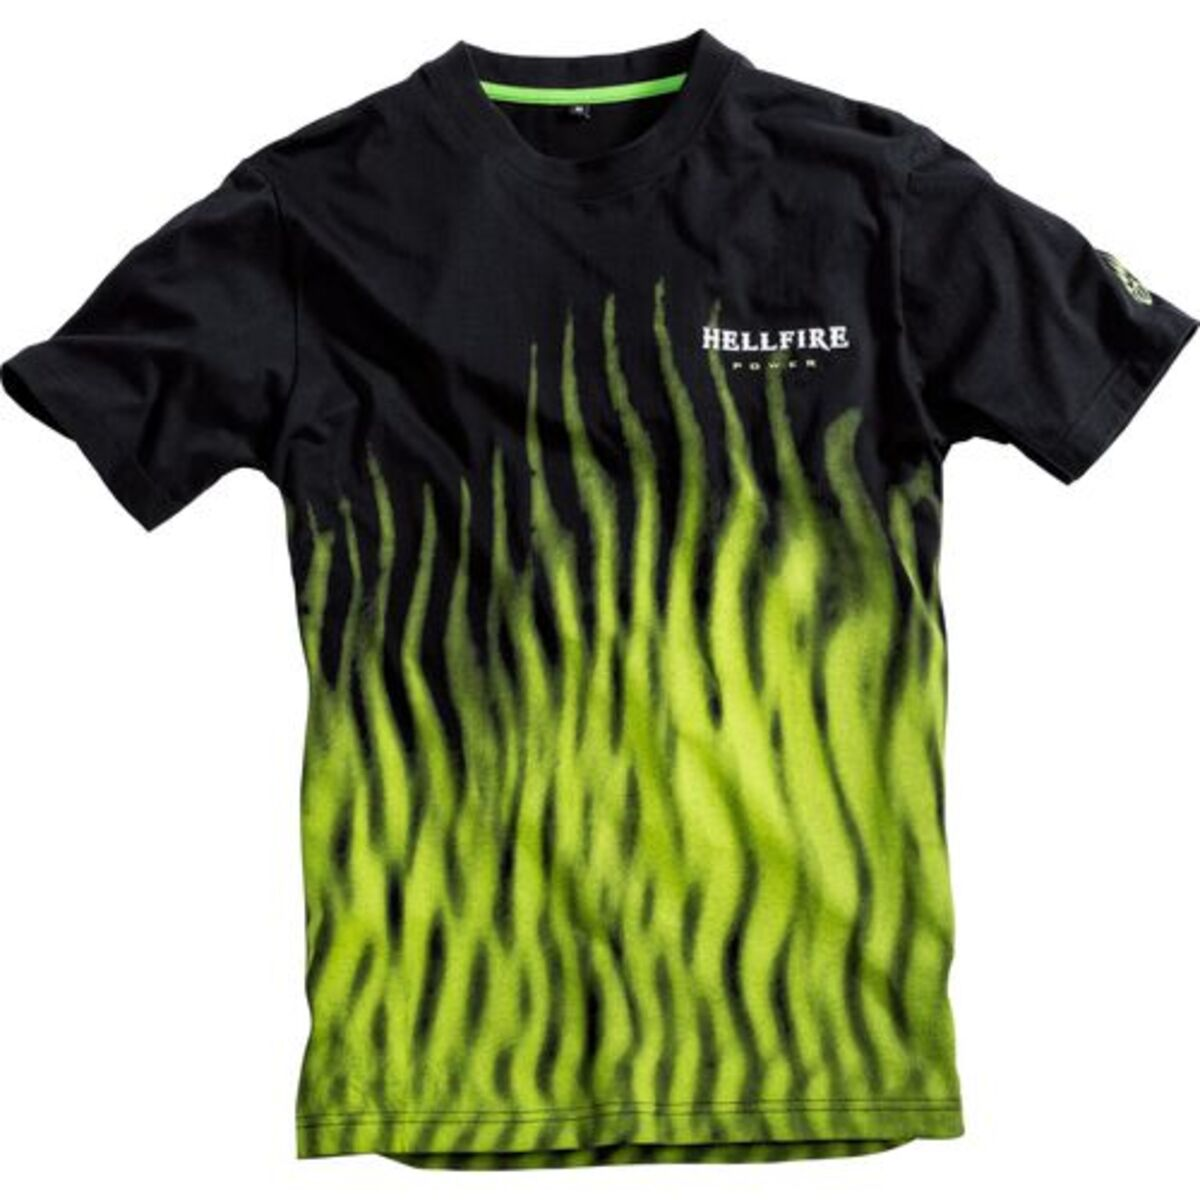 Bild 1 von Hellfire            T-Shirt 2.0 schwarz